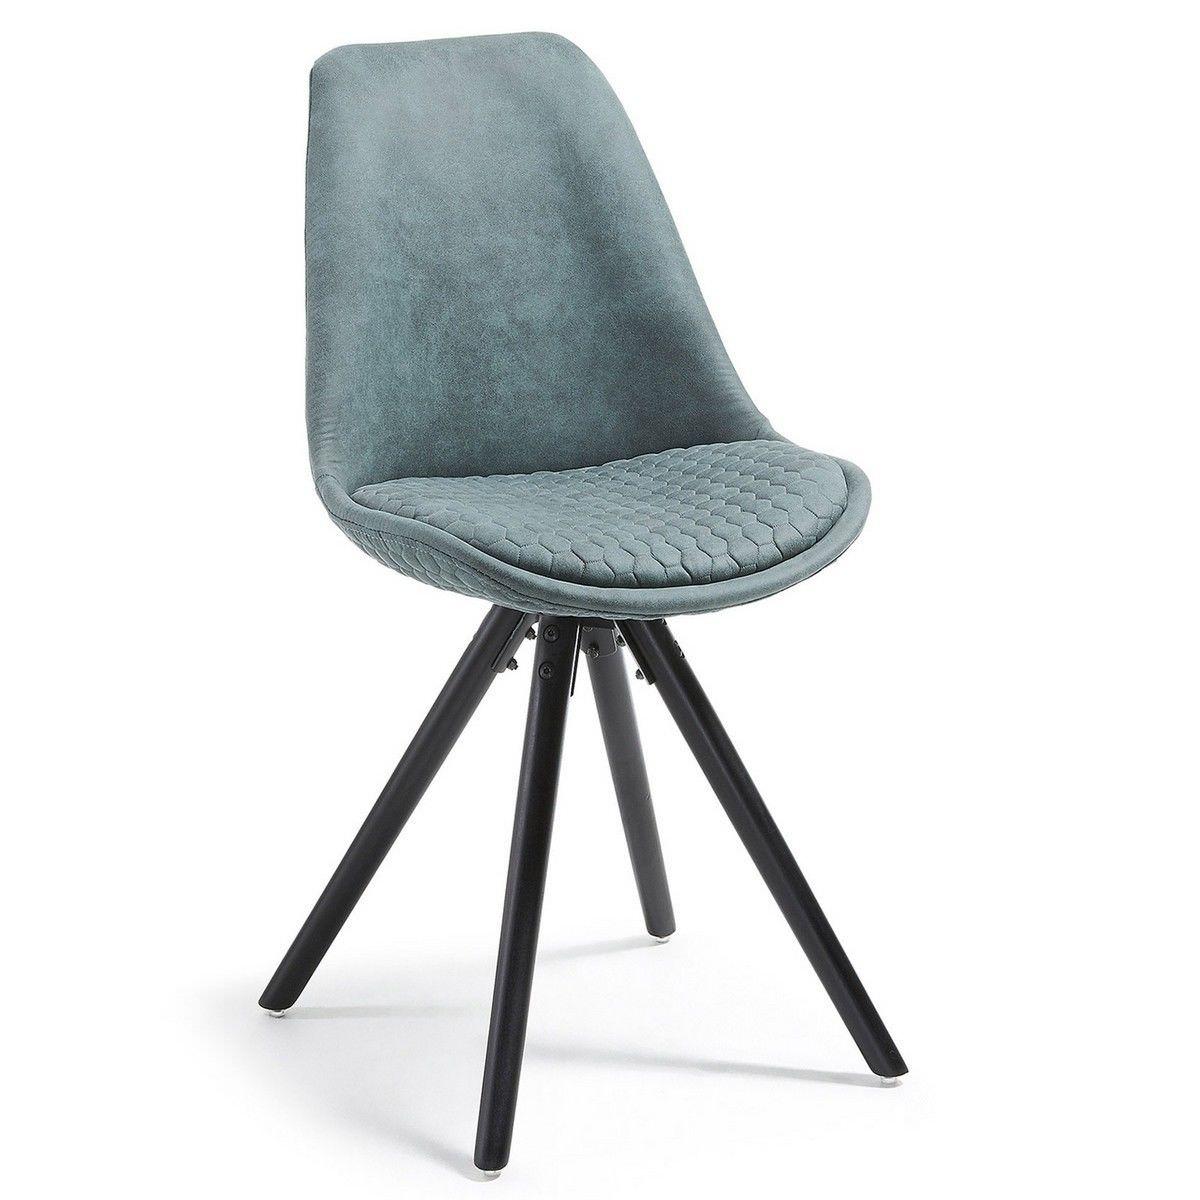 Lakota Fabric Dining Chair, Timber Leg, Teal / Black